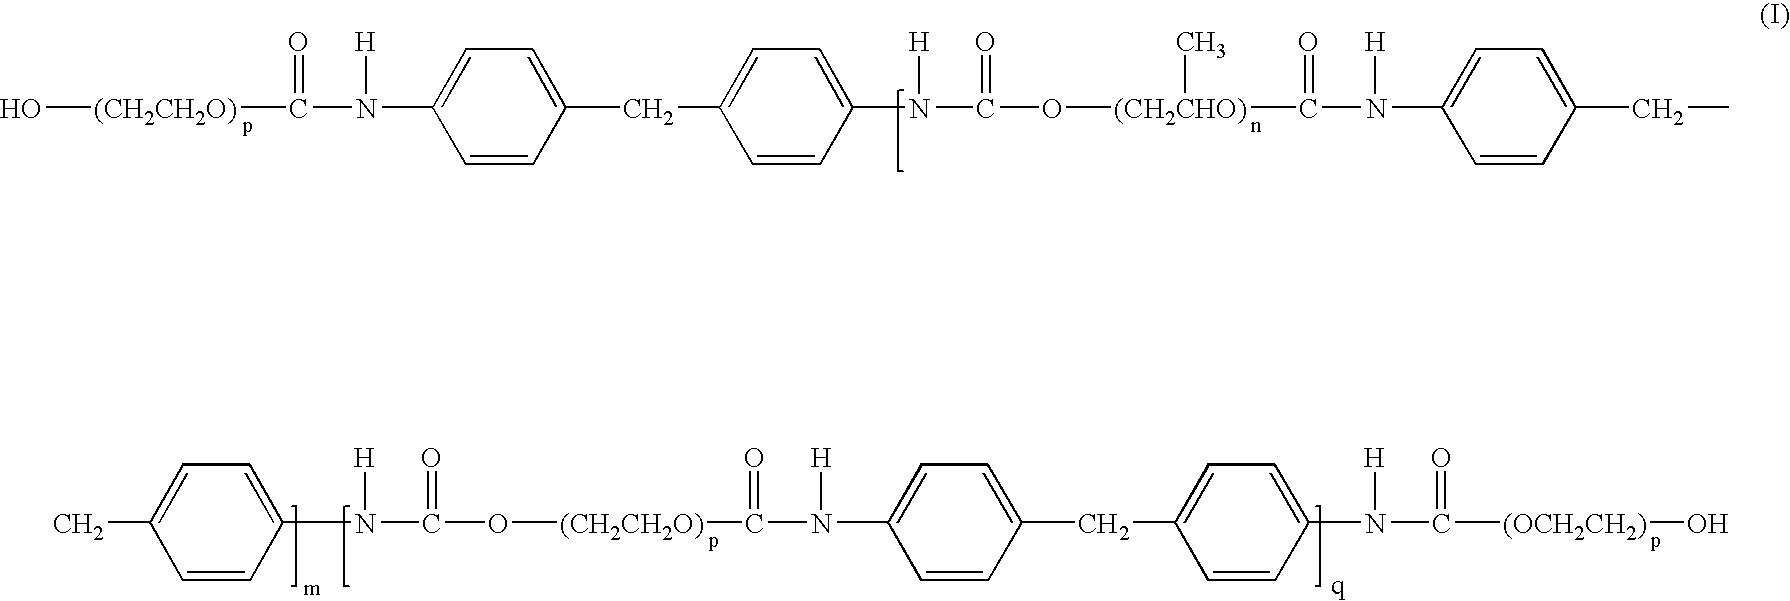 Figure US20050176893A1-20050811-C00004